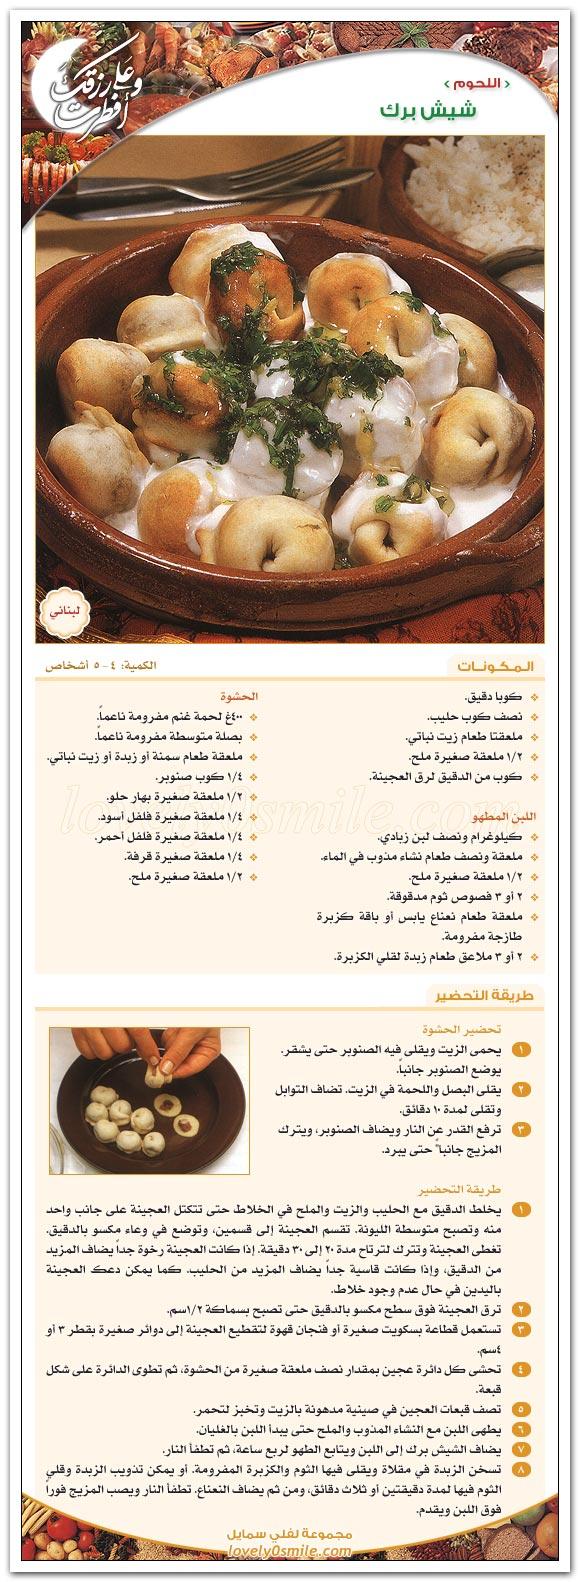 اجمل الطبخات العالمية واروعها تجدها هنا بالوصف والصور Ara-155